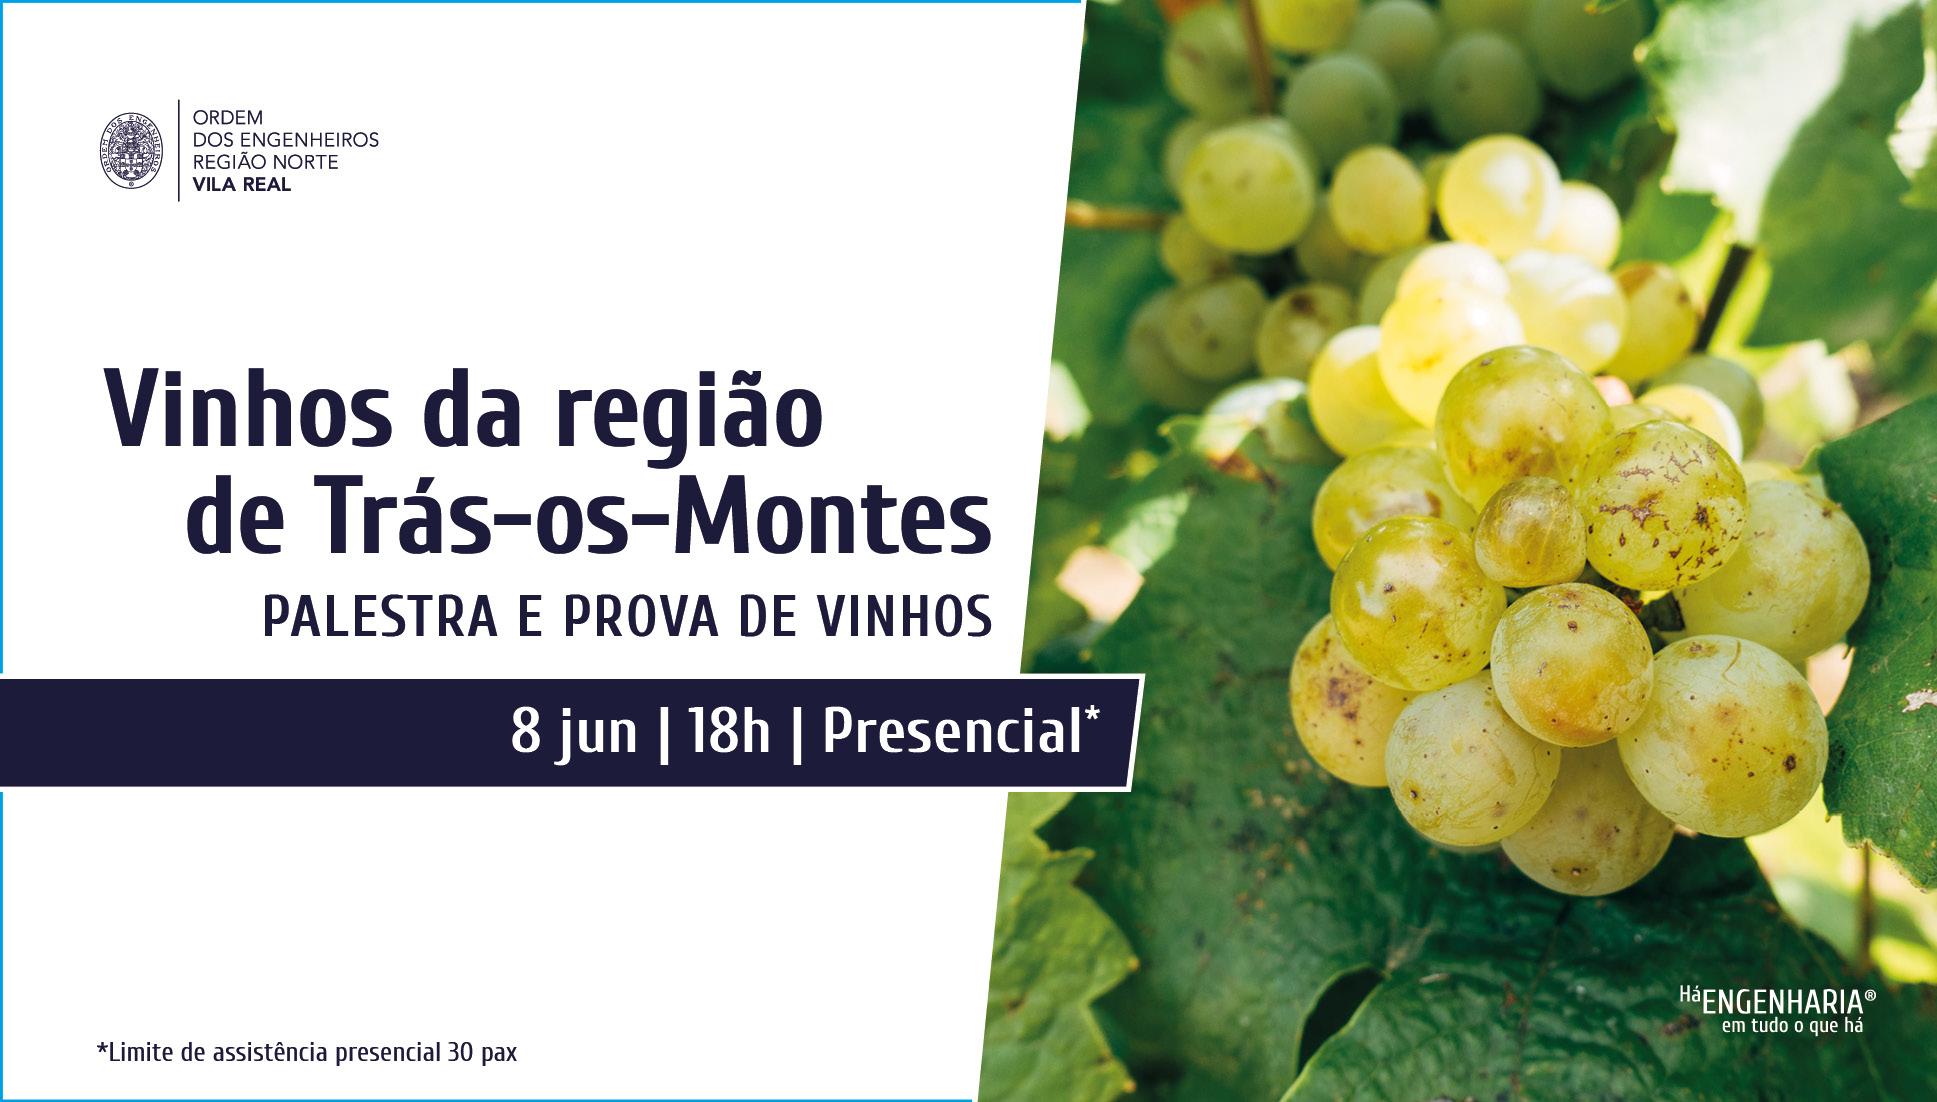 Plataforma Notícias Ordem Engenheiros Região Norte - Há palestra e prova de vinhos em Chaves